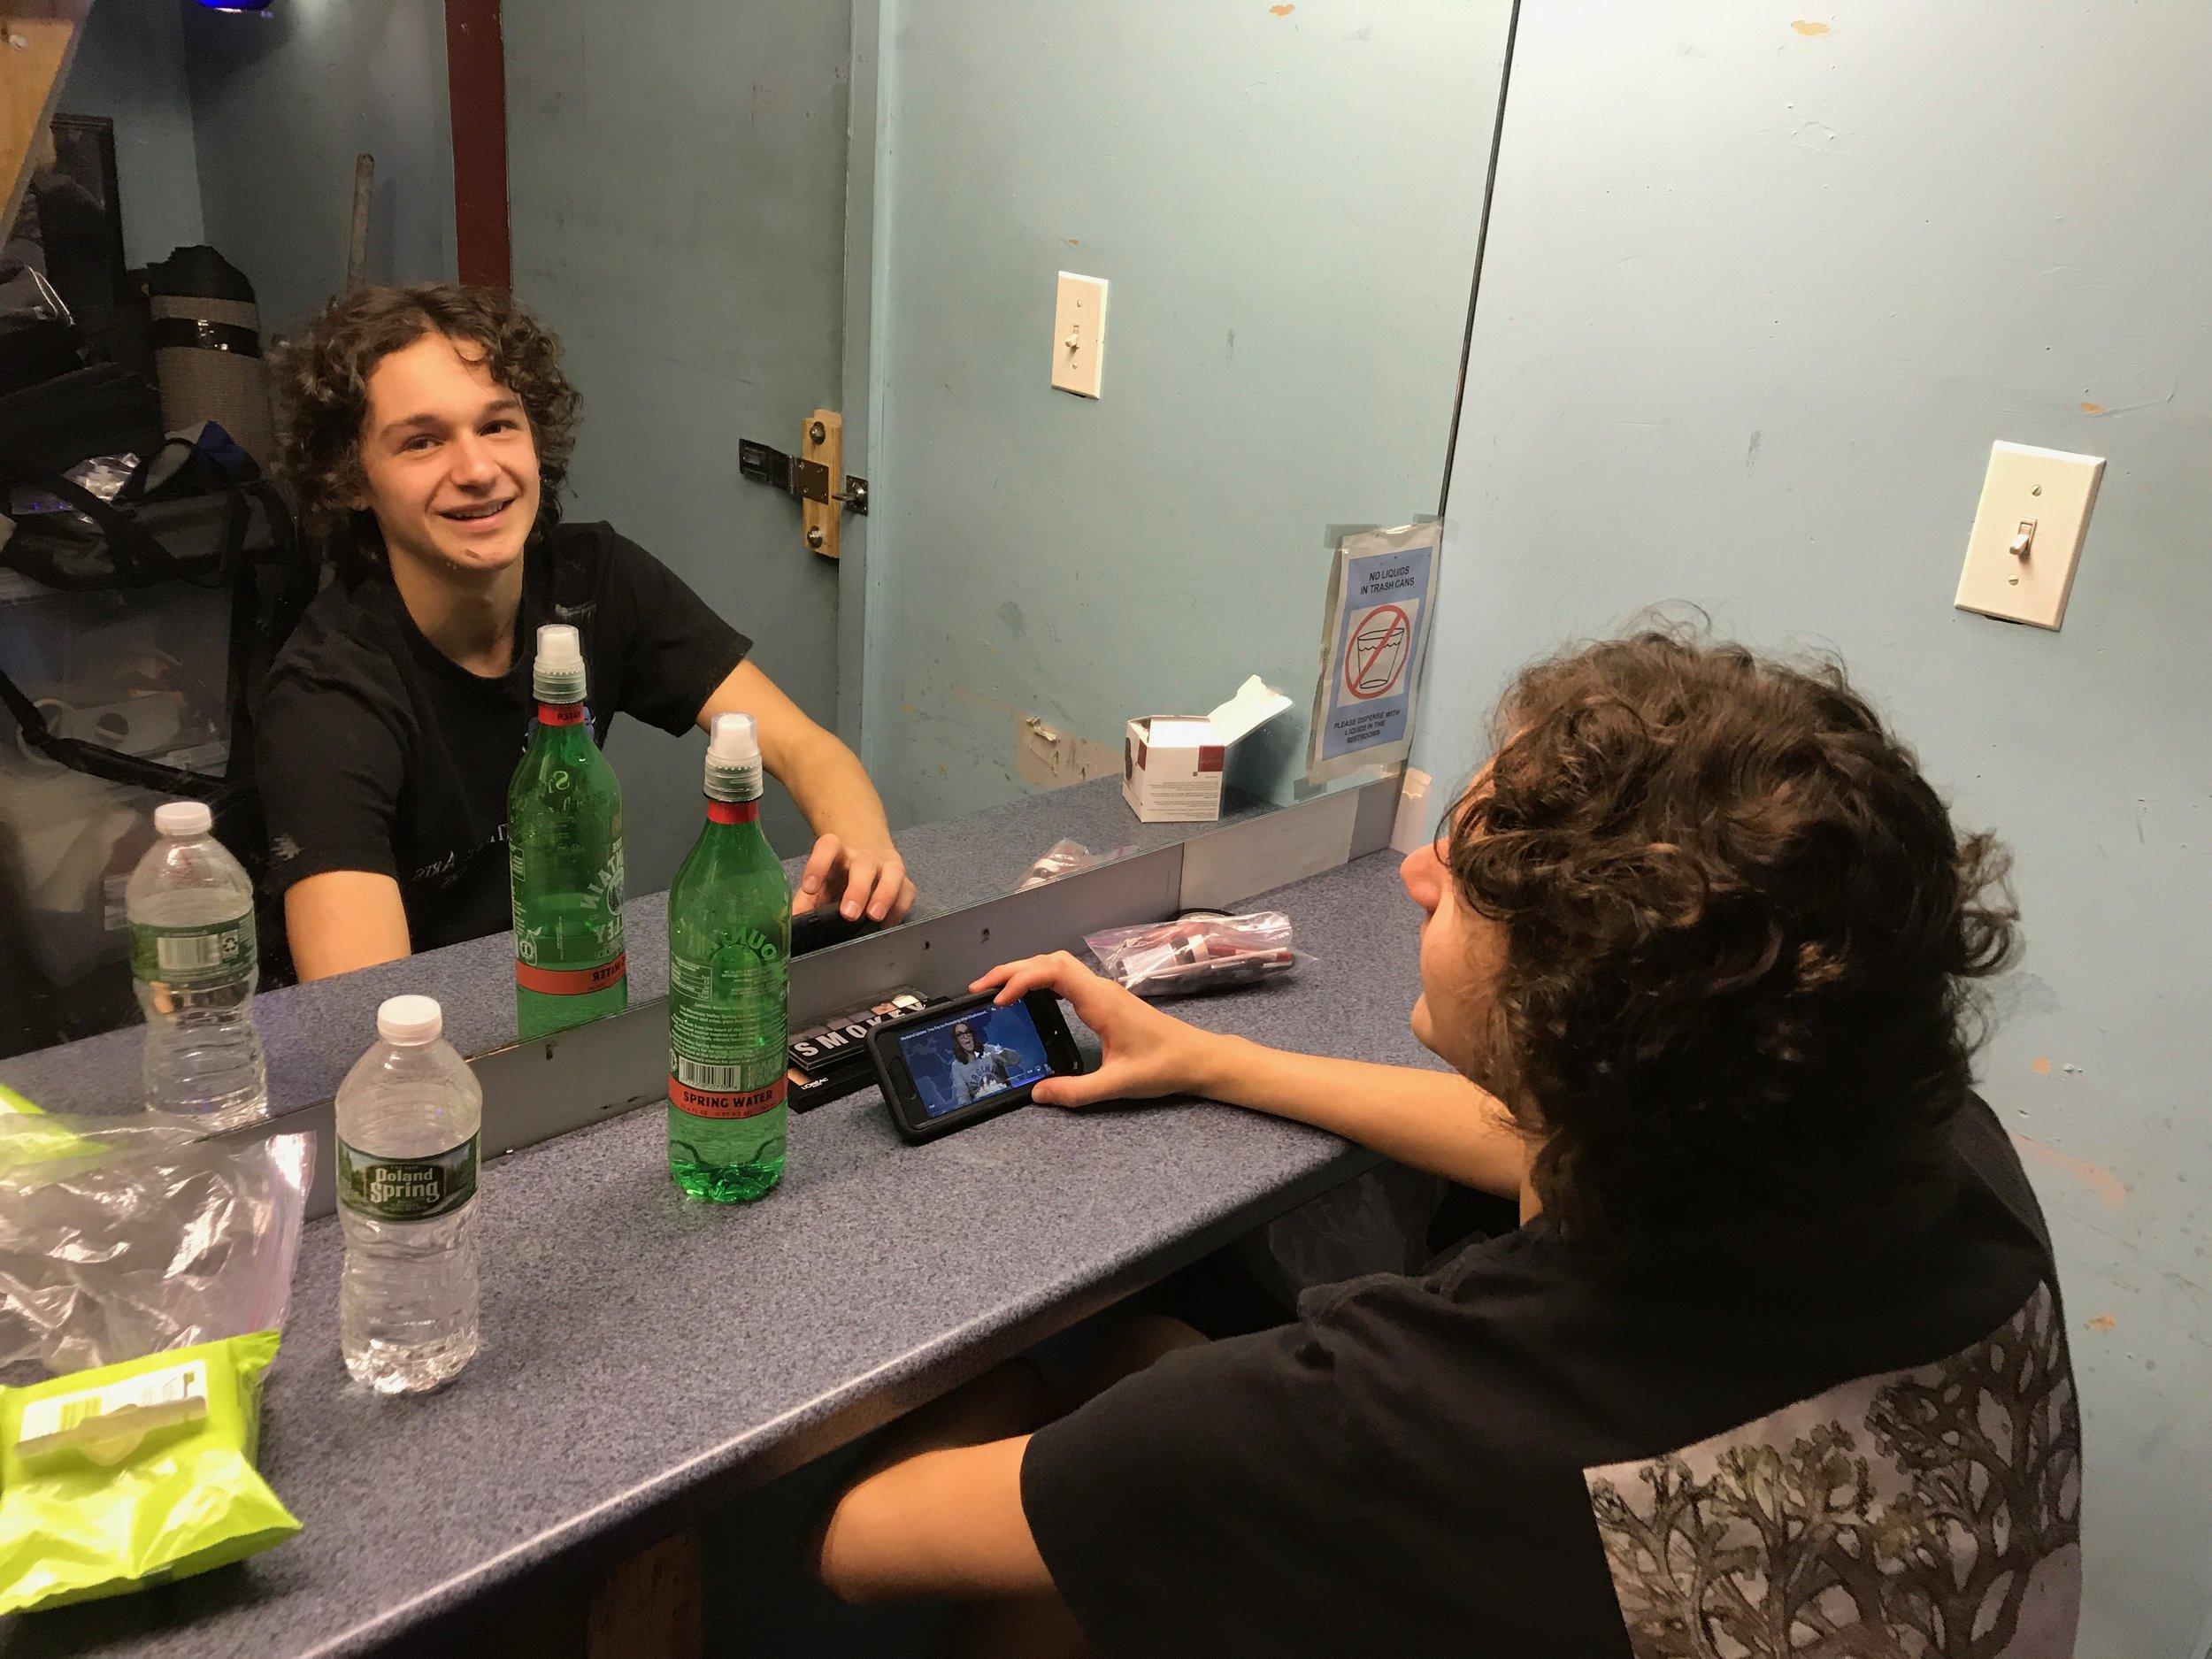 Backstage / Dressing room